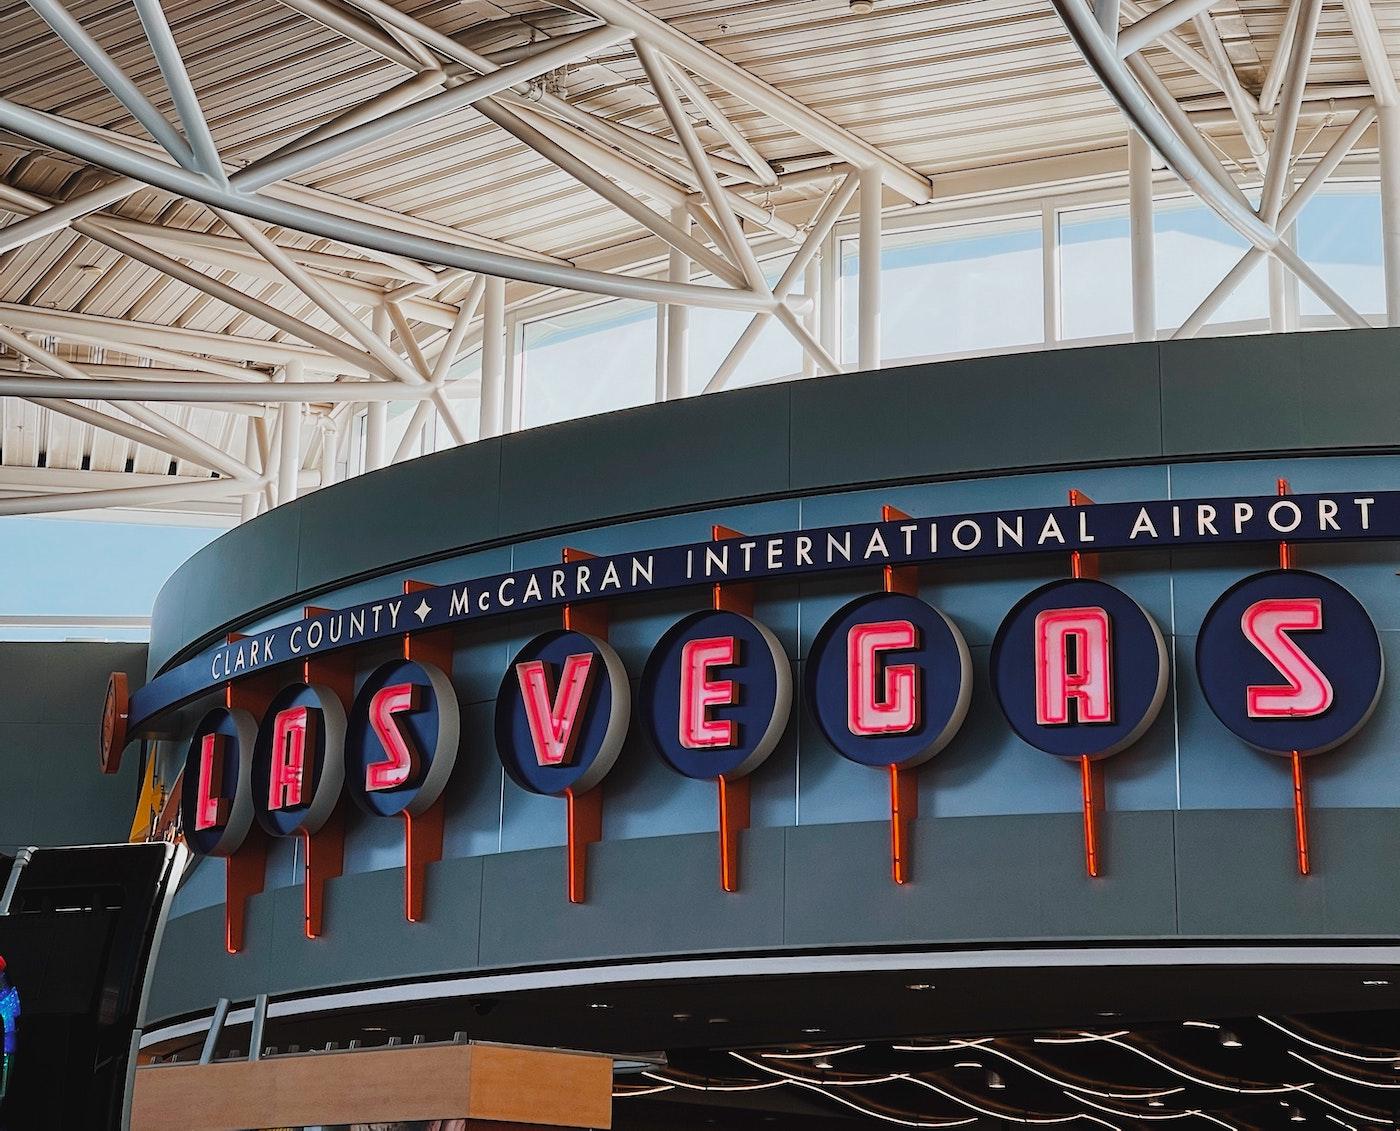 Vegas airport sign